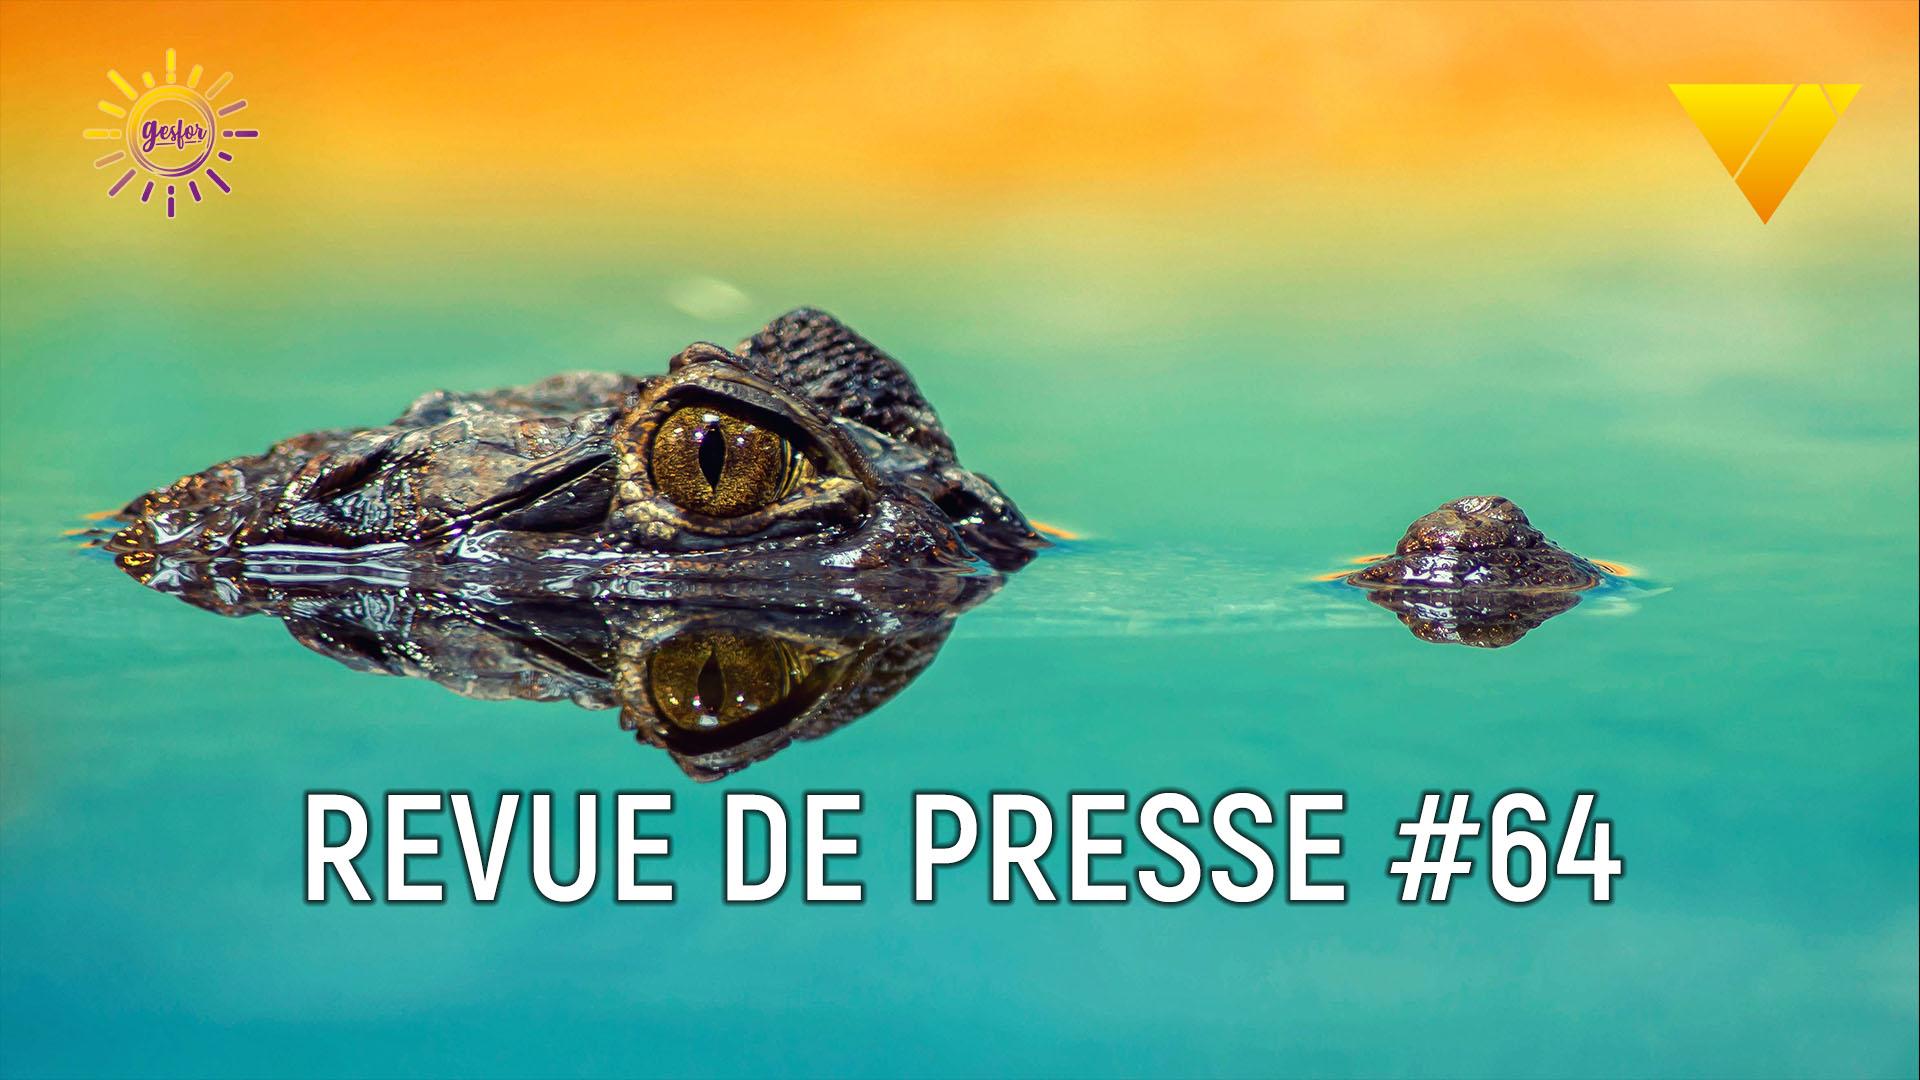 illustration de la revue de presse n°64 en accidentologie du travail avec un crocodile